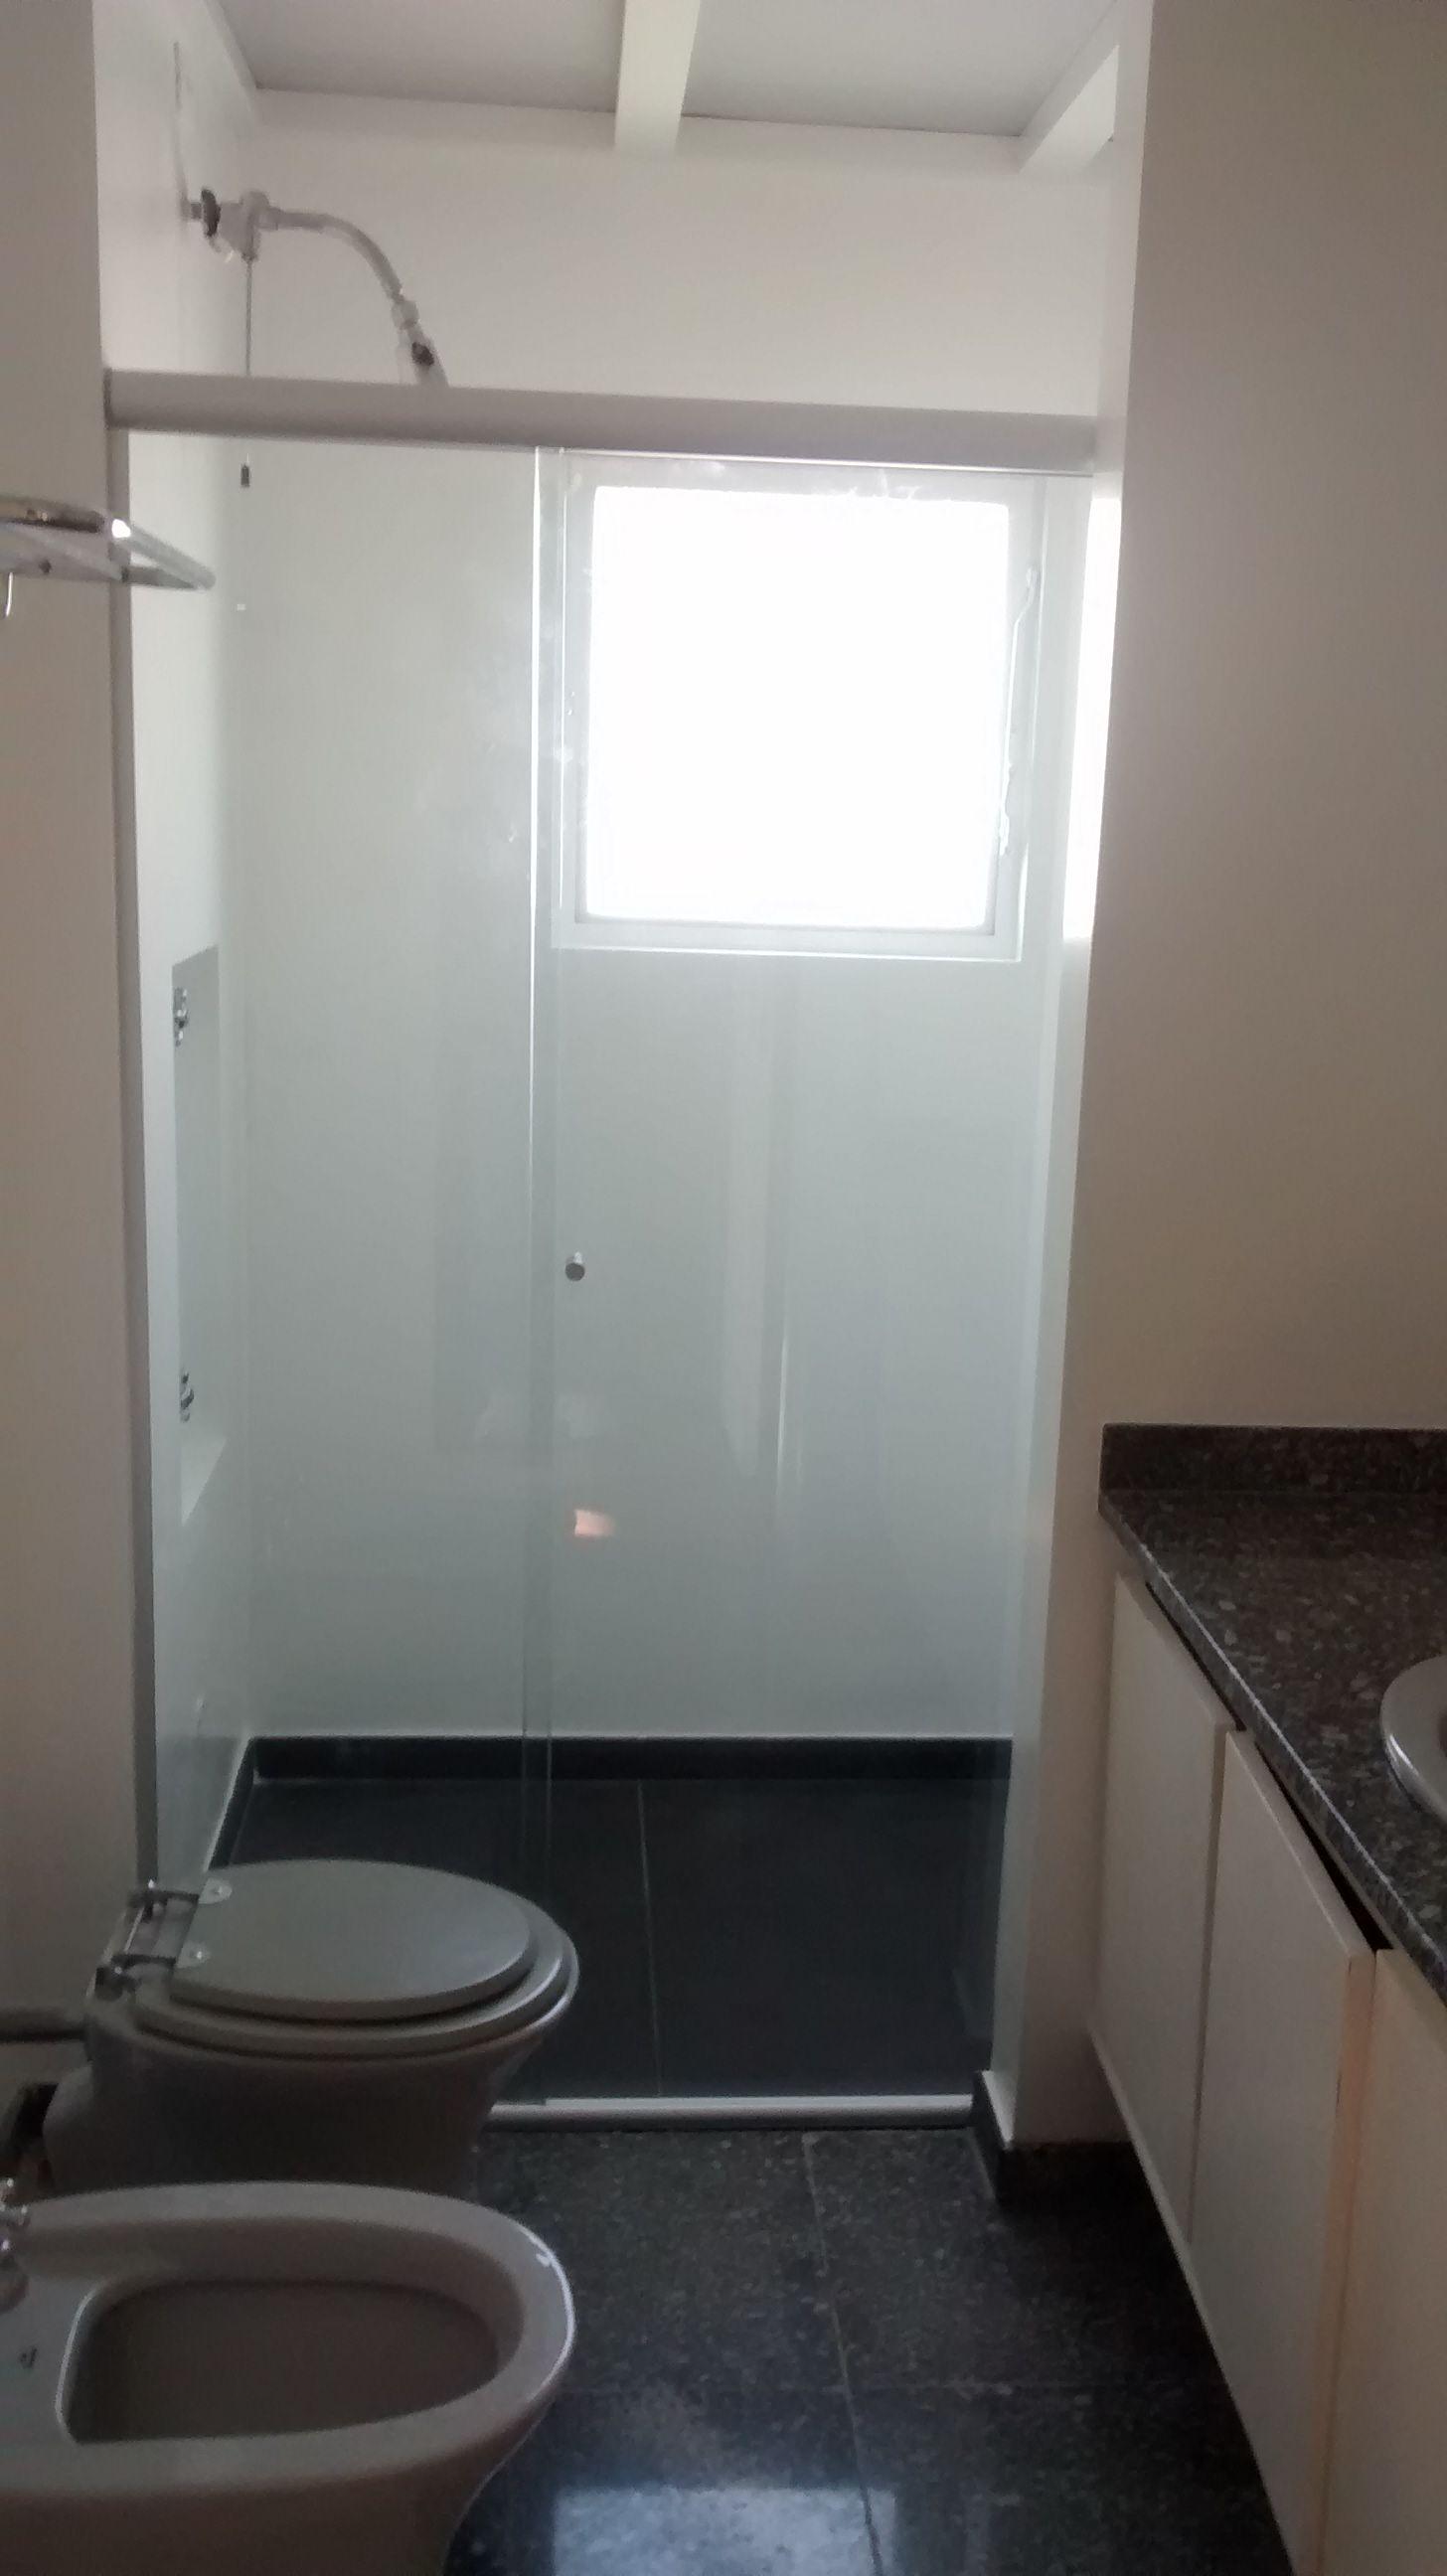 #434E5C Shopping dos Vidros Box Portas Janelas Guarda Corpo Espelhos 1586 Vidros Janelas Vila Velha